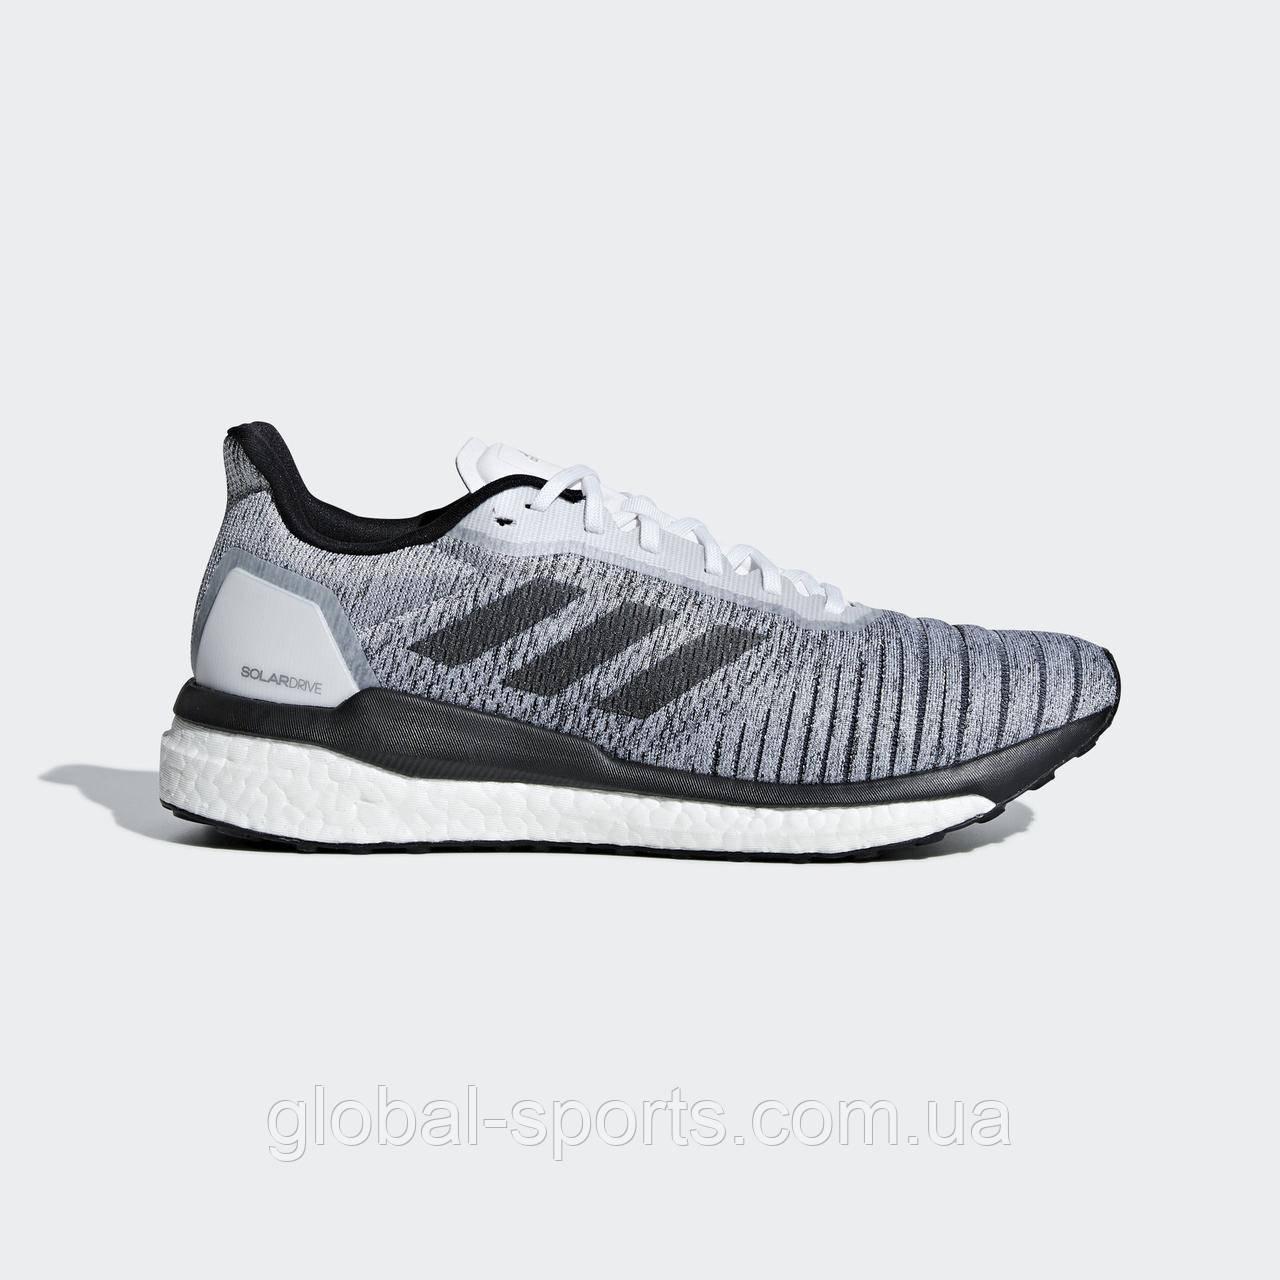 e0d0d574 Мужские кроссовки Adidas Solar Drive(Артикул:D97441) - магазин Global Sport  в Харькове